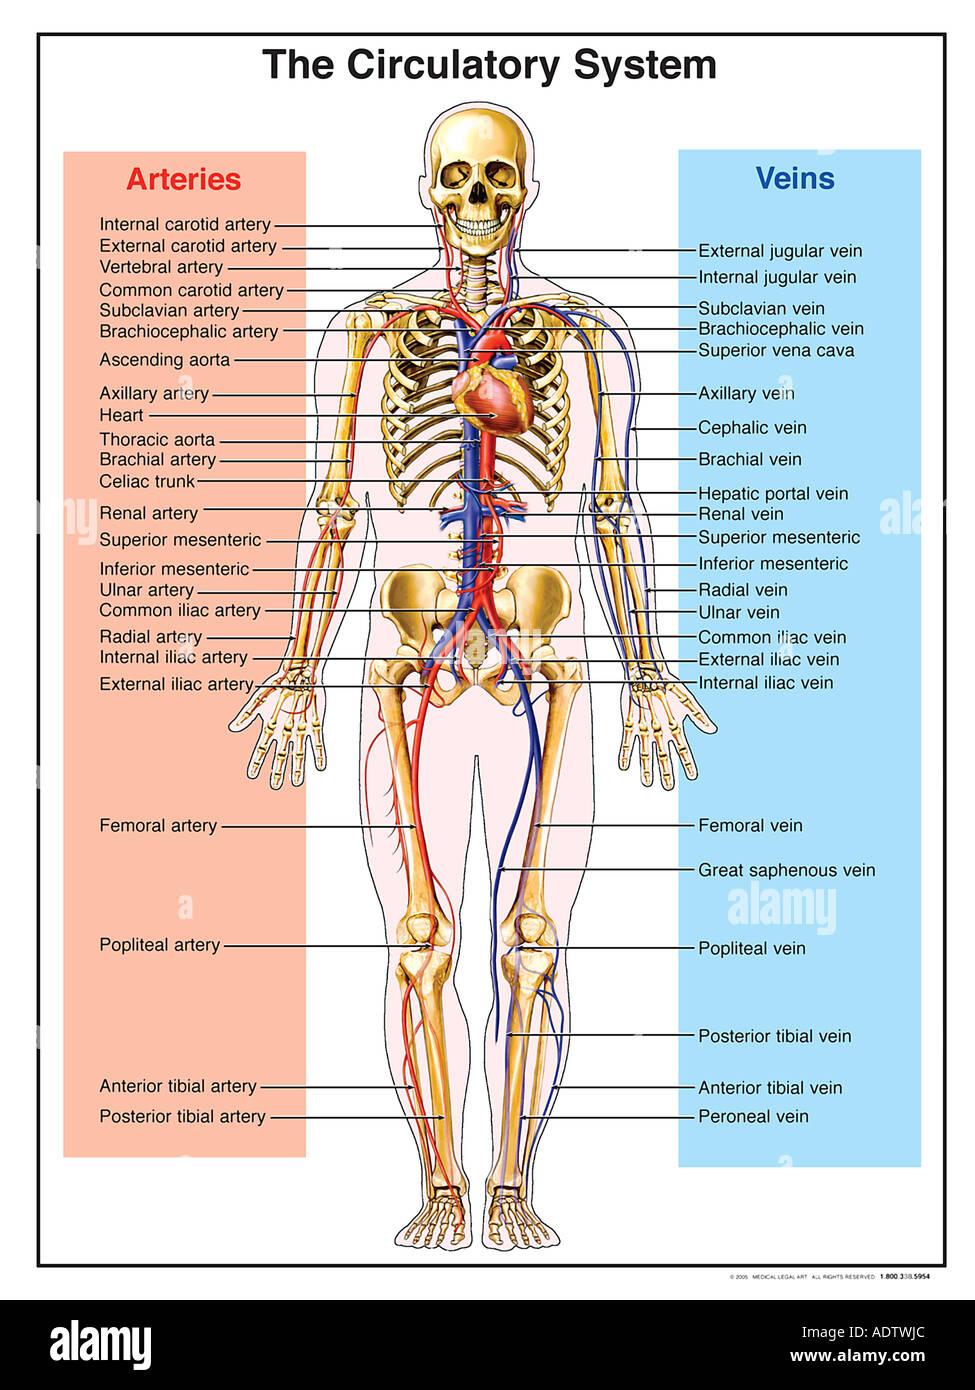 interior internal jugular vein anatomy » Full HD MAPS Locations ...